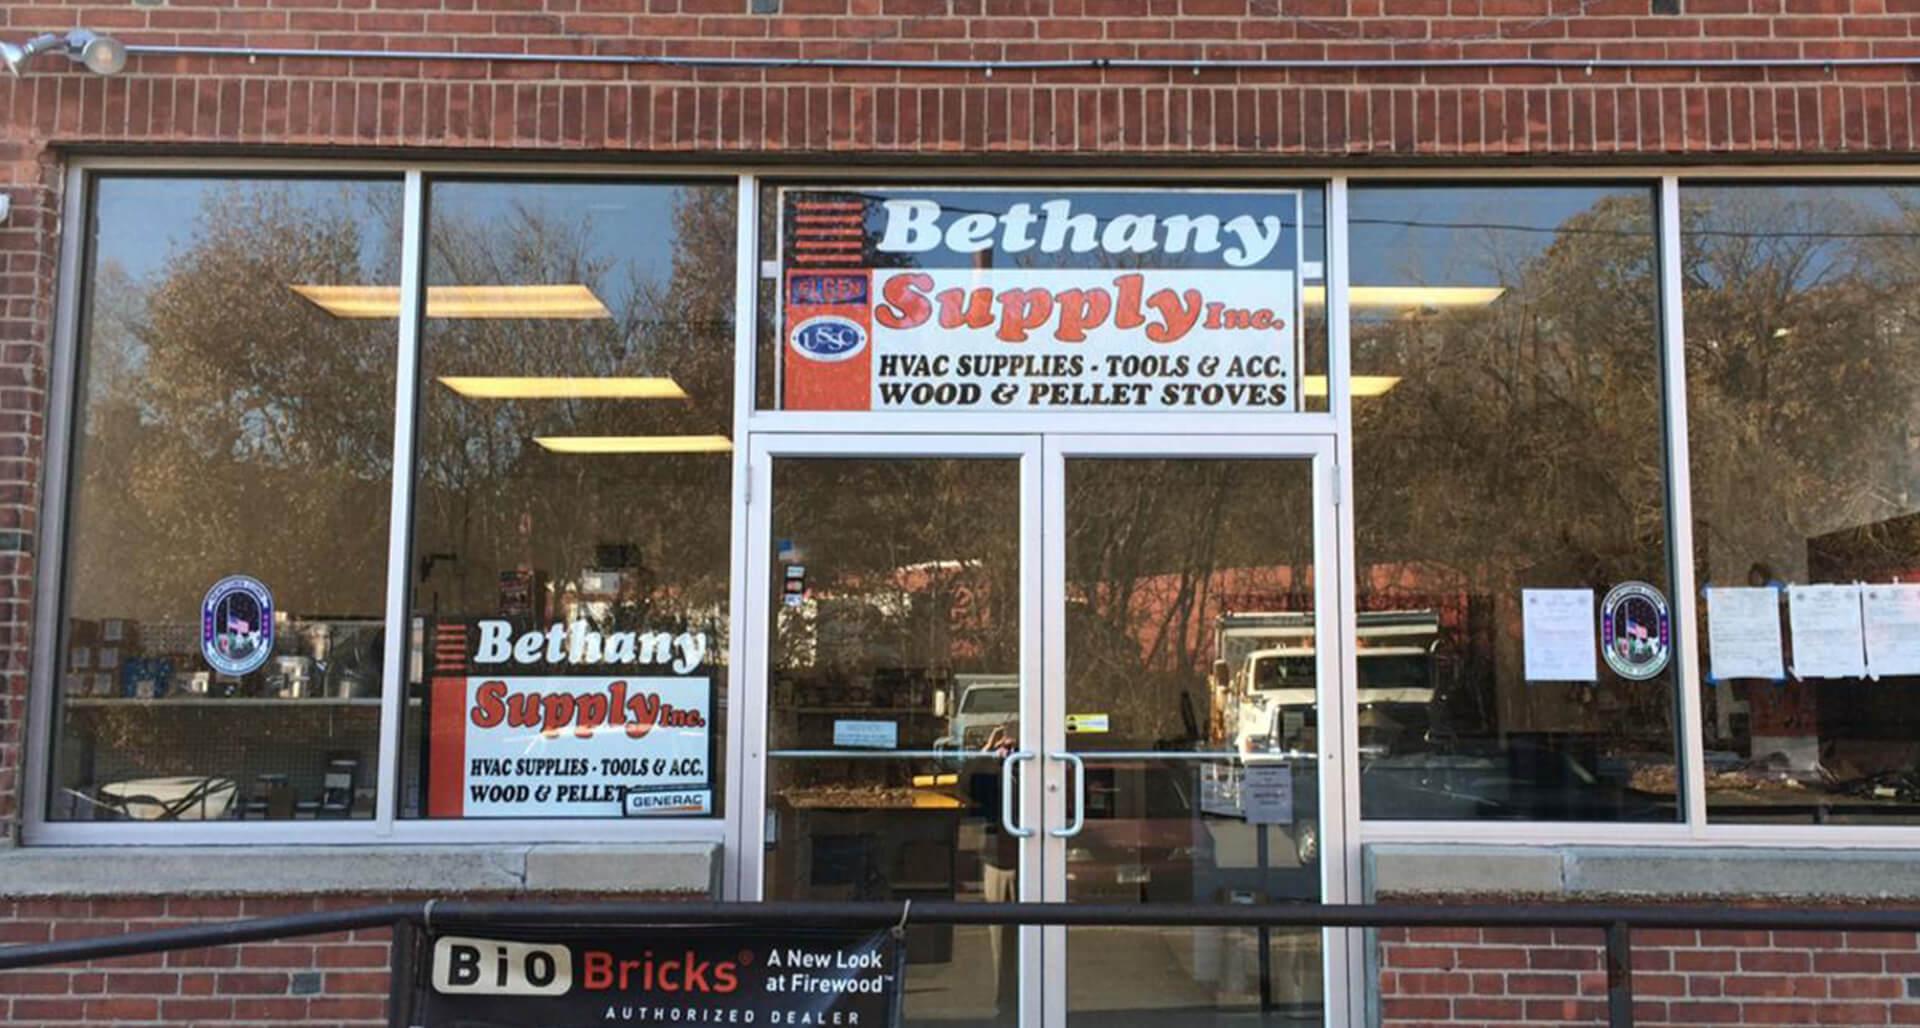 Bethany Supply, Inc.